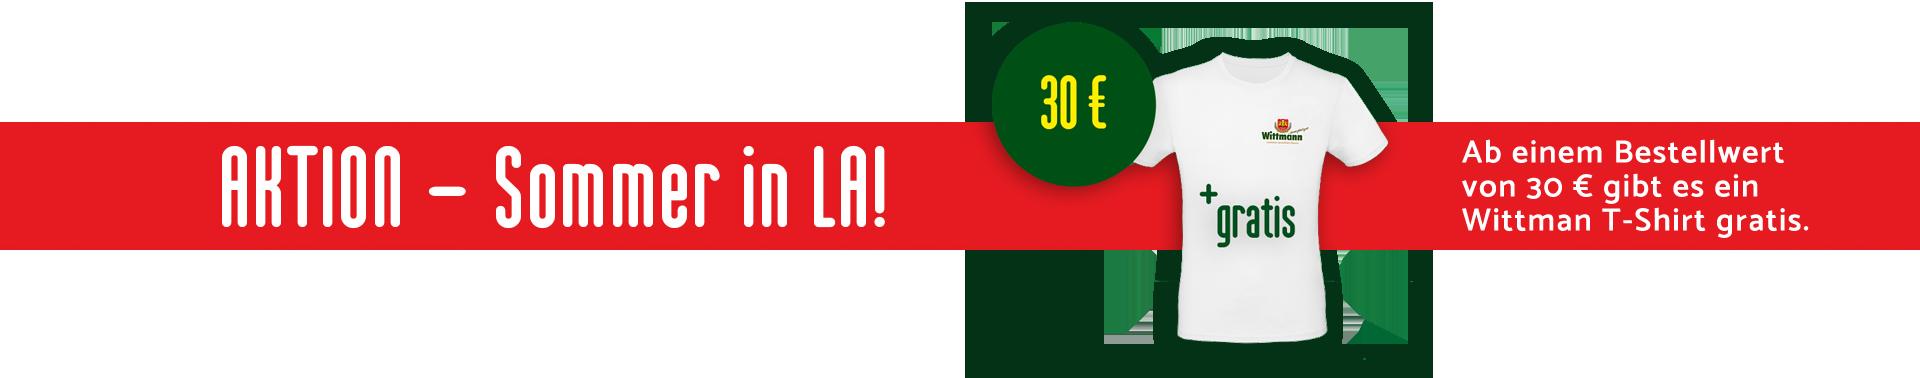 Gratis T-Shirt ab einem Einkauf von 30 Euro